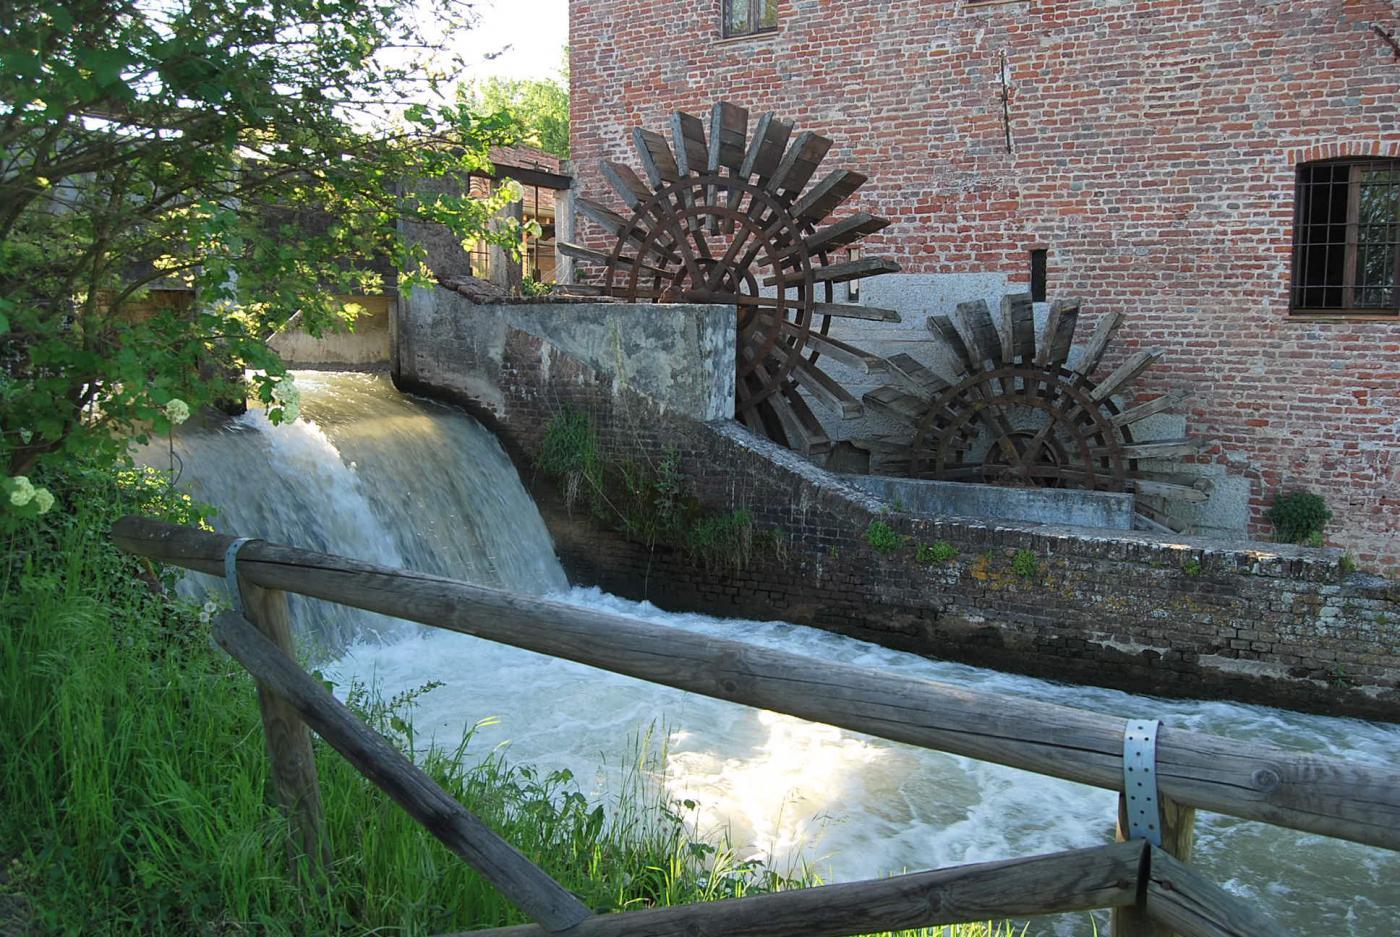 Il salto d'acqua e le ruote del mulino